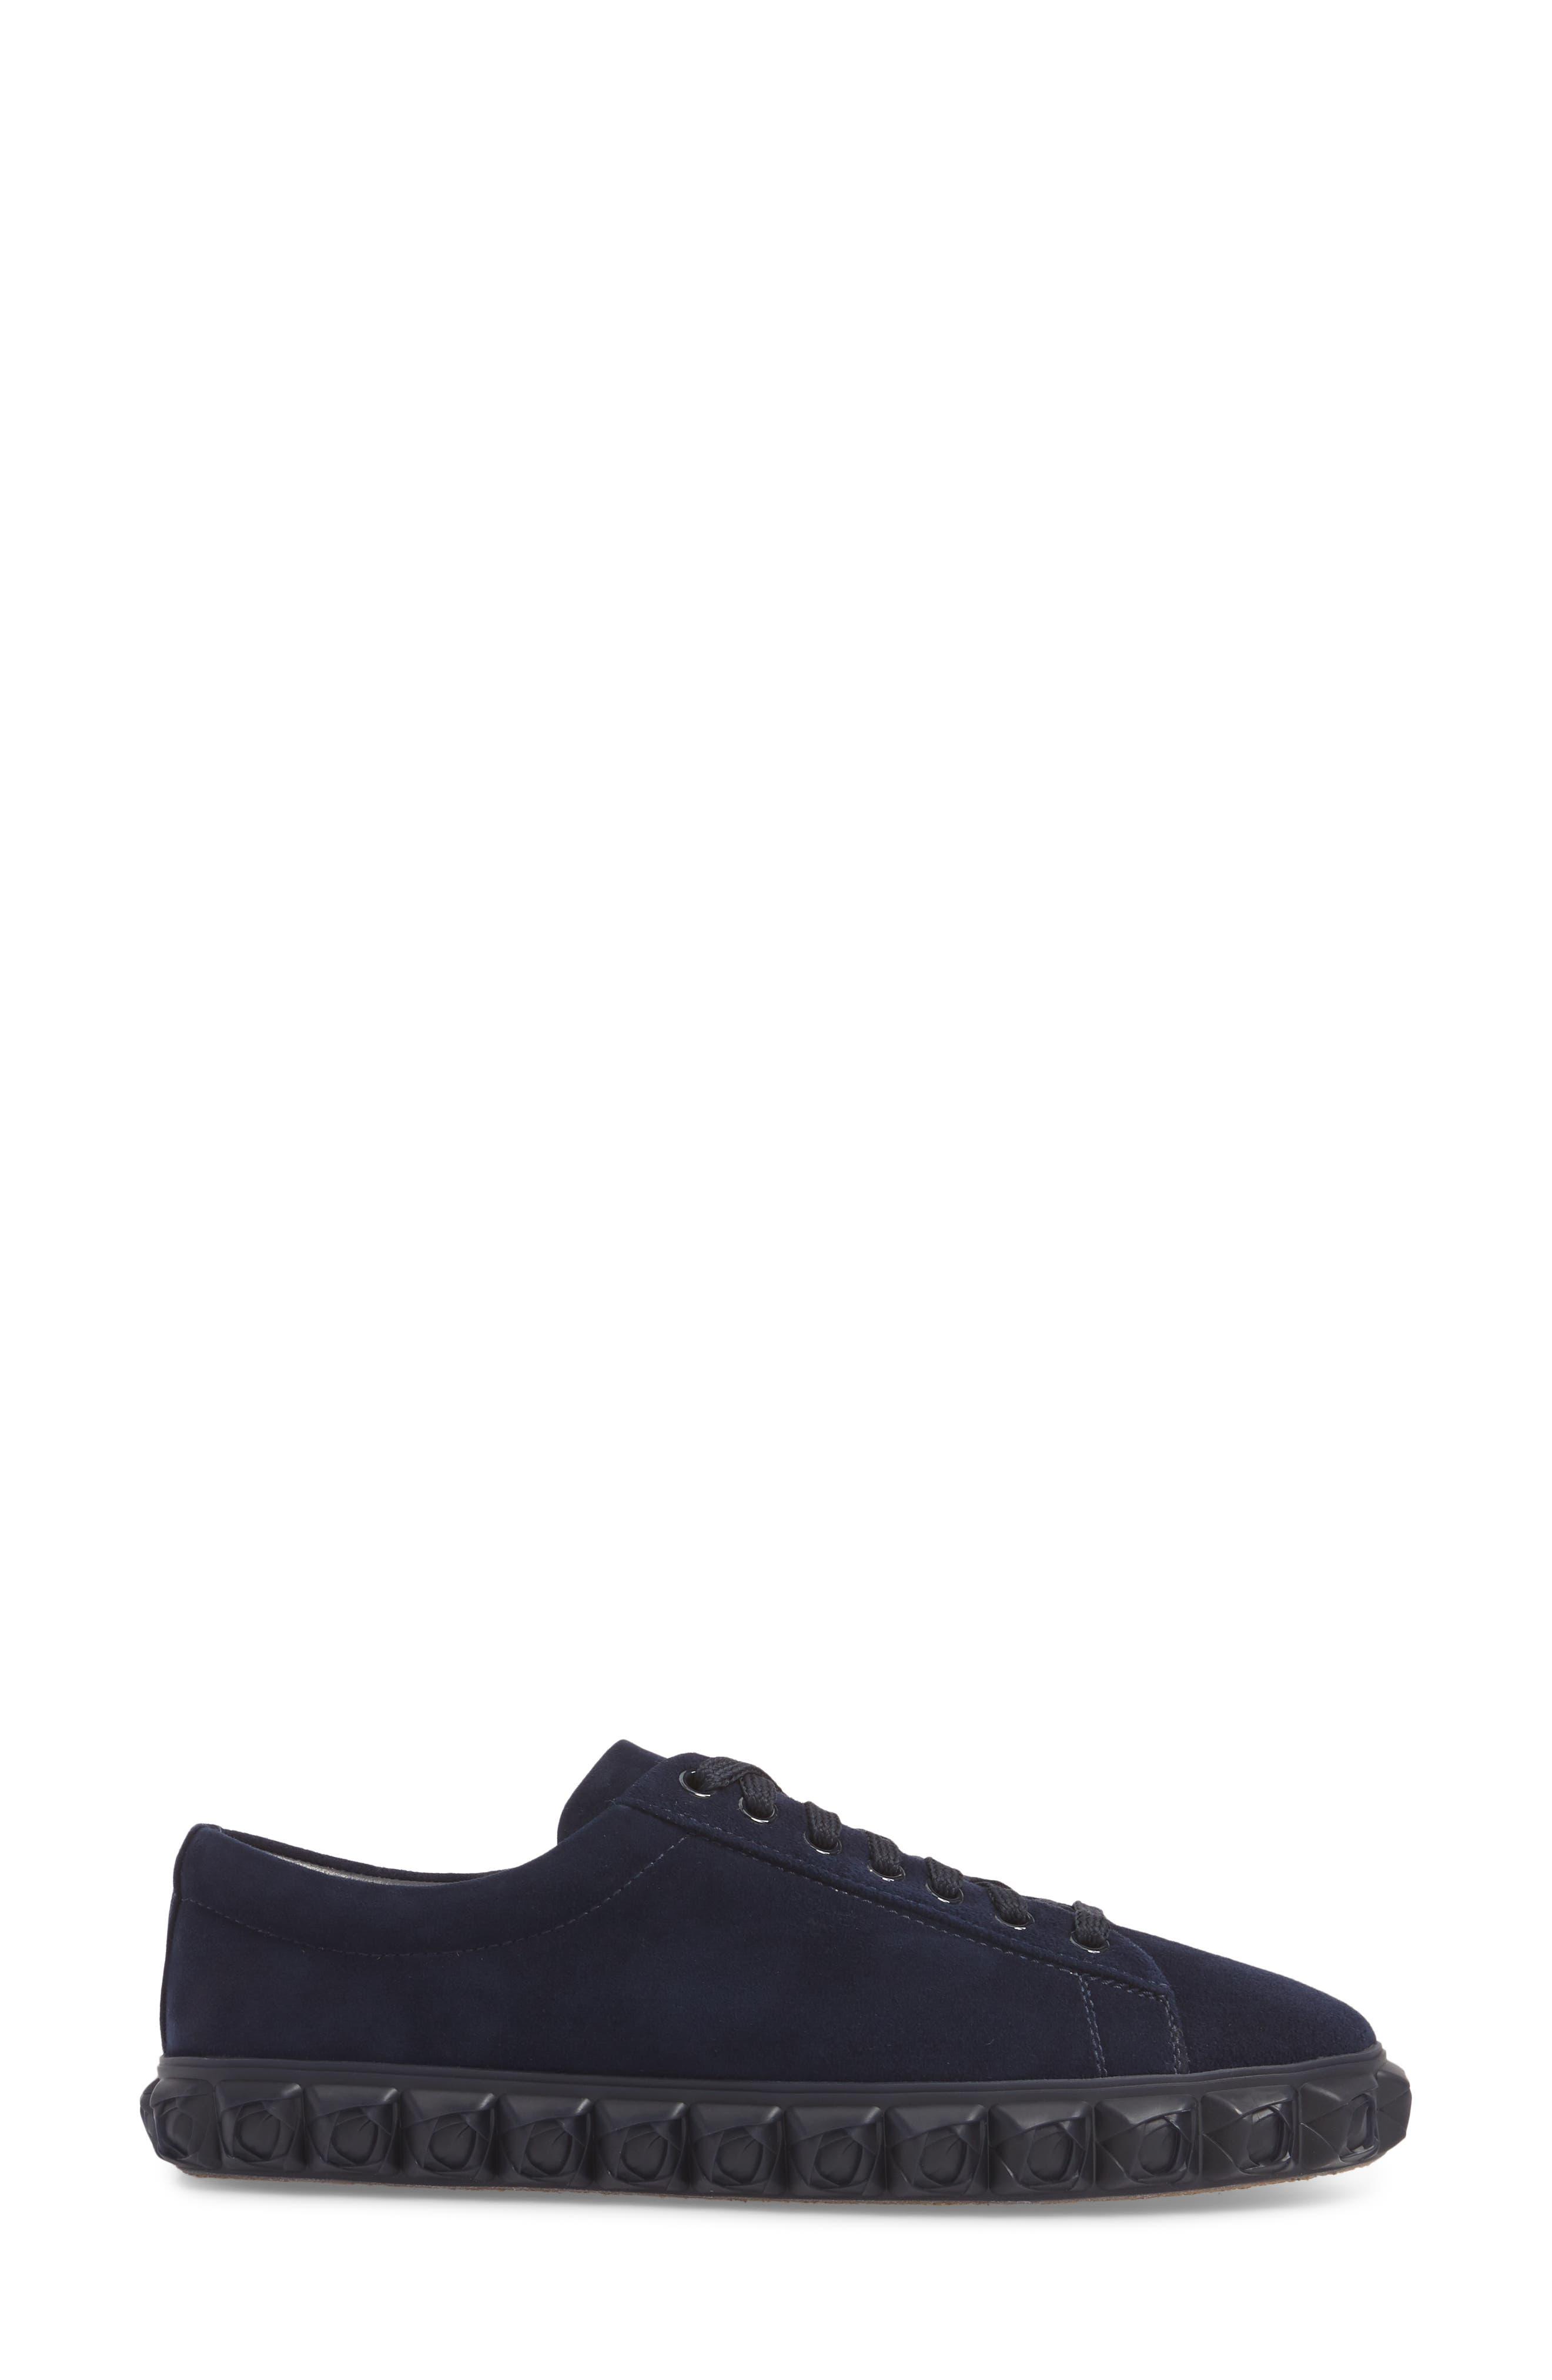 Coverstory Sneaker,                             Alternate thumbnail 4, color,                             Navy Seda Suede